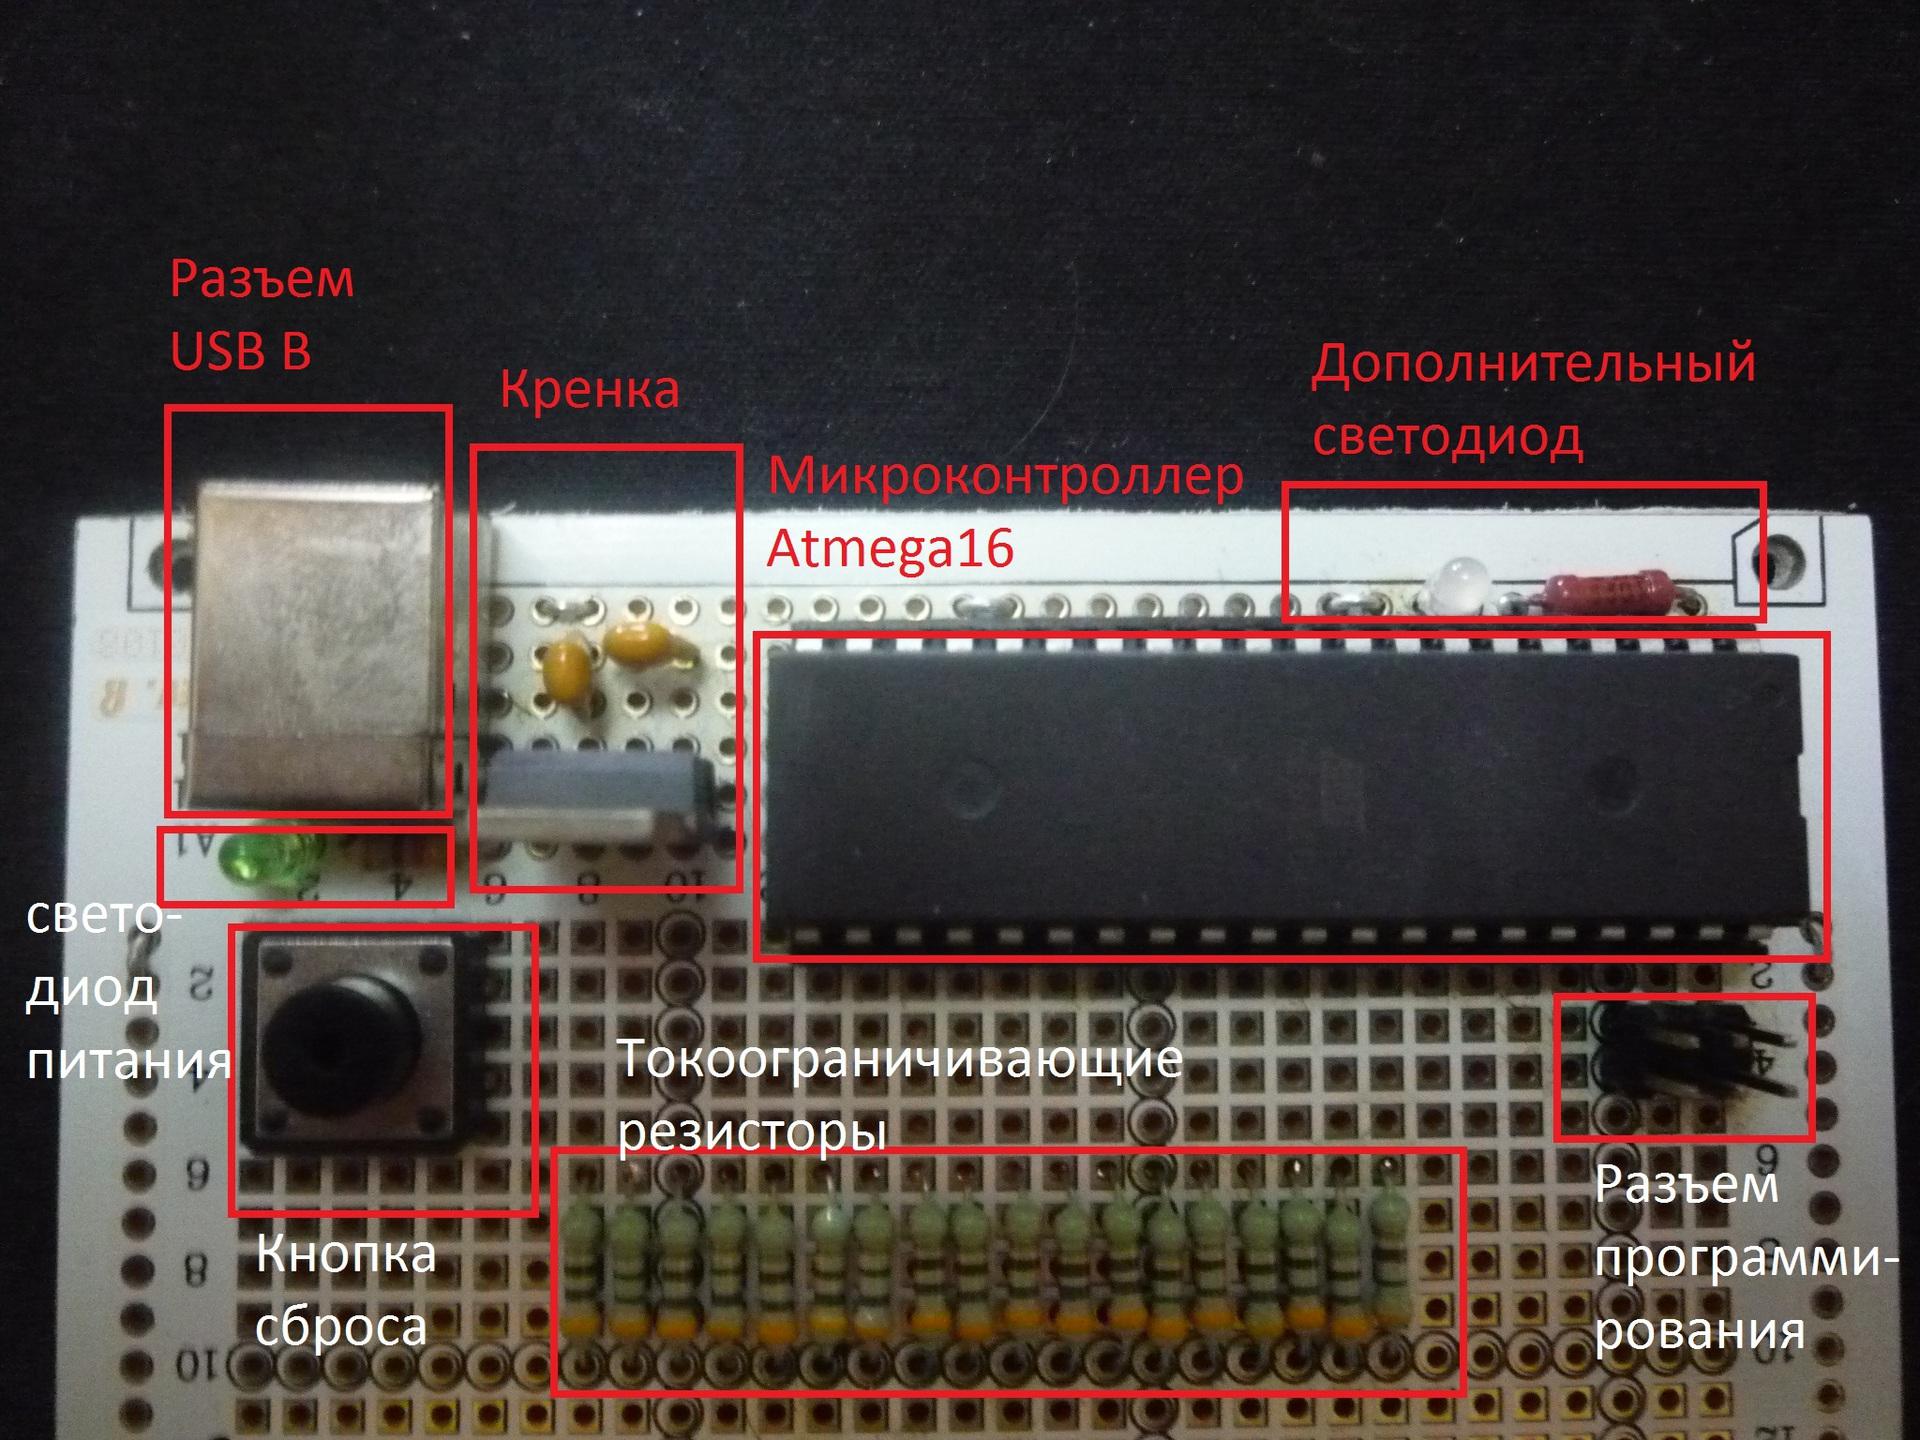 Светодиодное сердце на микроконтроллере Atmega16, или программирование AVR на языке Pascal